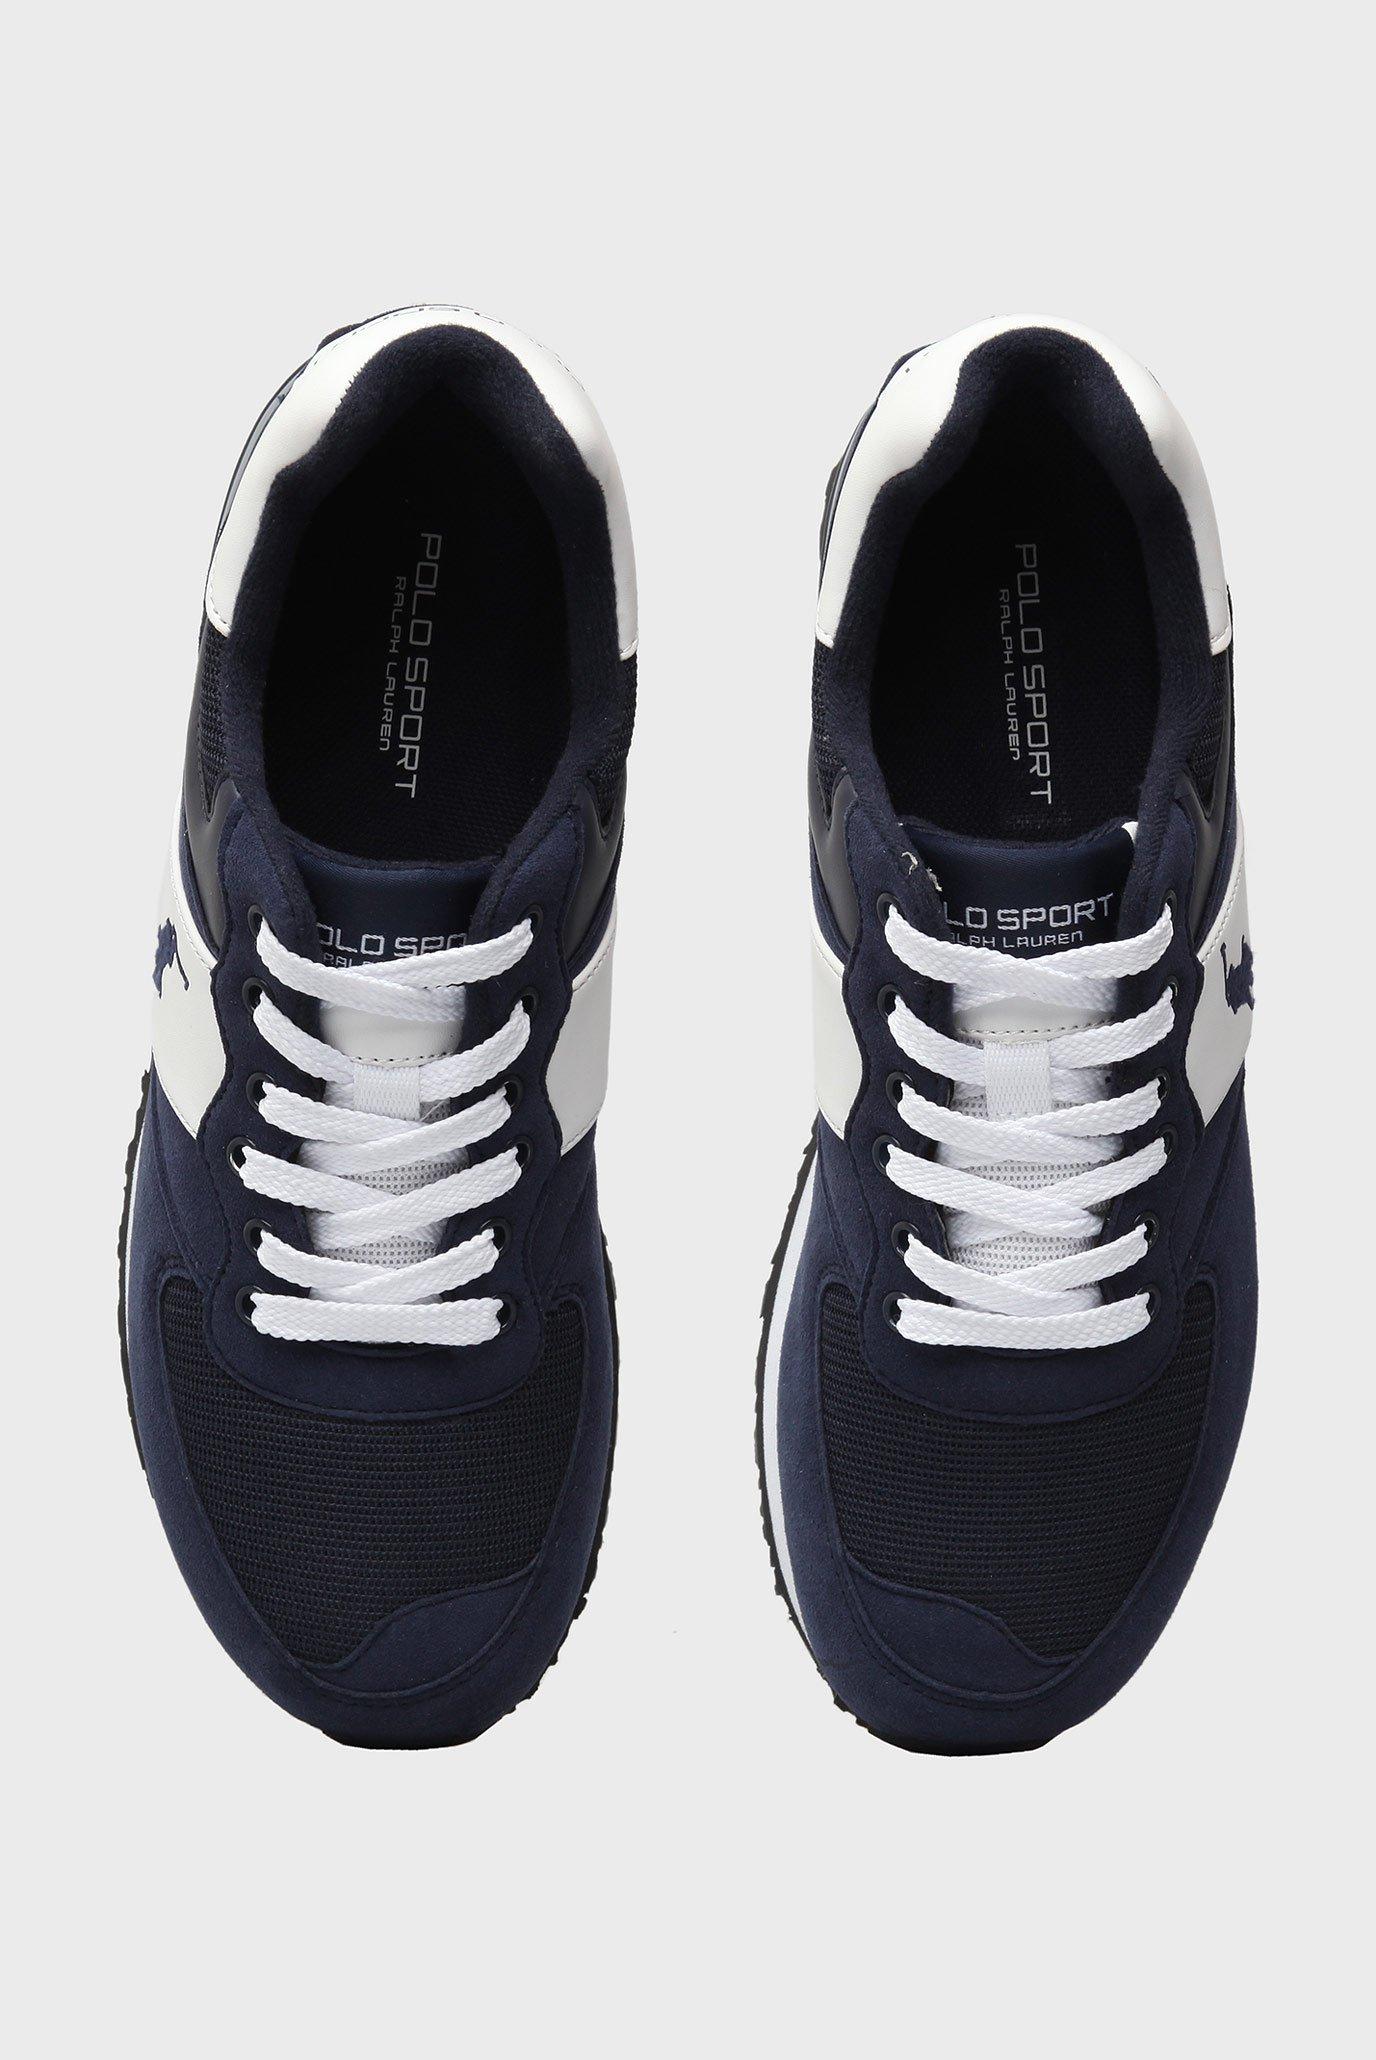 Купить Мужские синие кроссовки Polo Ralph Lauren Polo Ralph Lauren  A85-Y2136ROKDW – Киев, Украина. Цены в ... 9f616e703ed